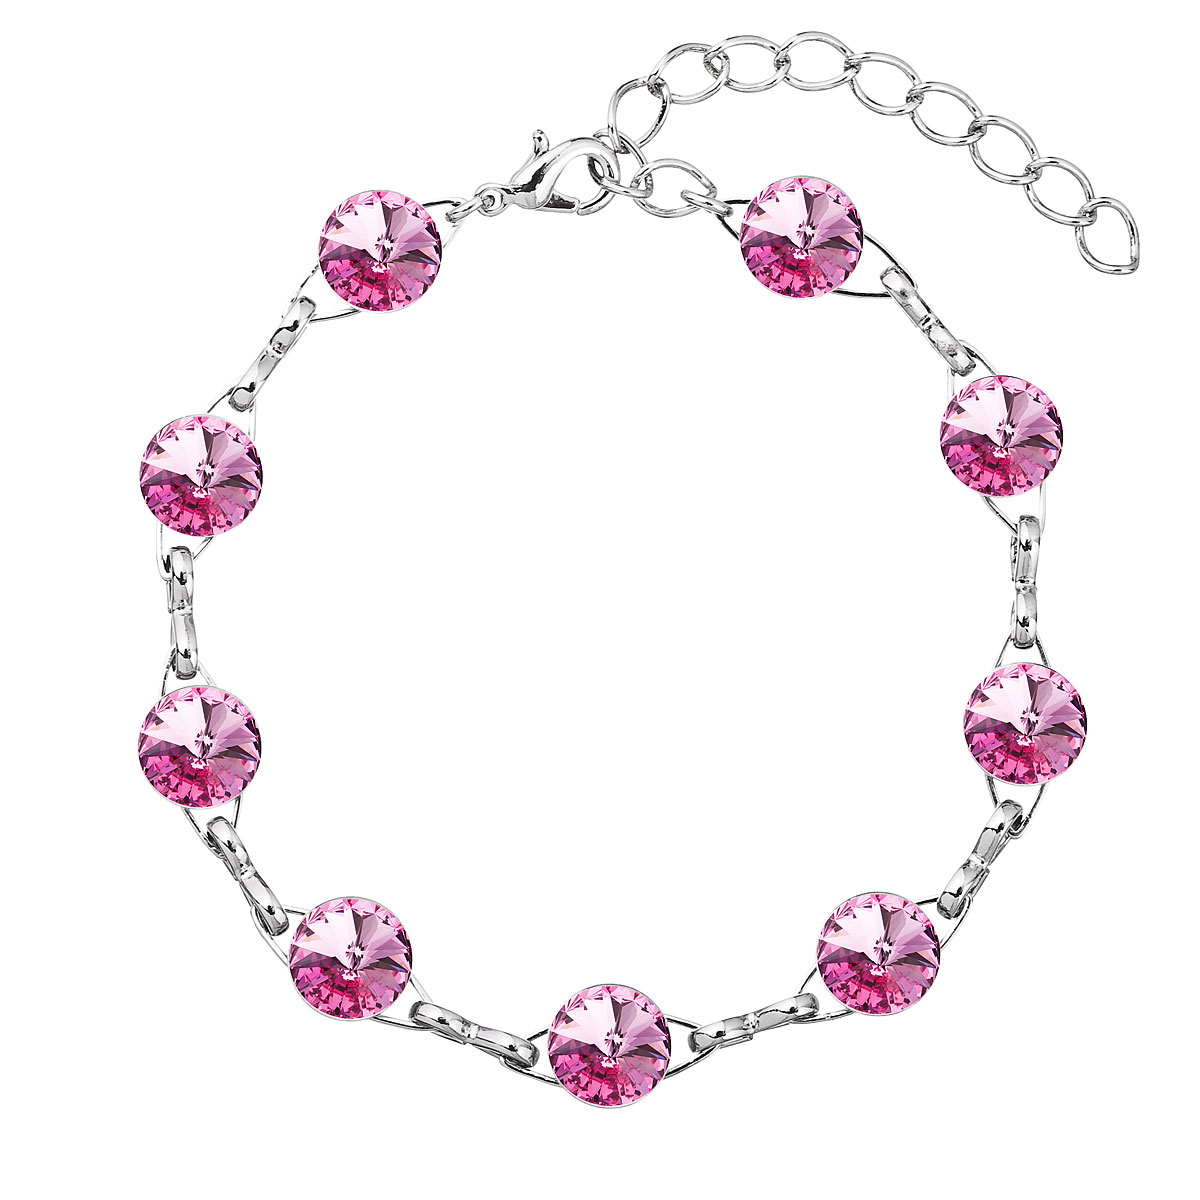 Náramek bižuterie se Swarovski krystaly růžový 53001.3 rose